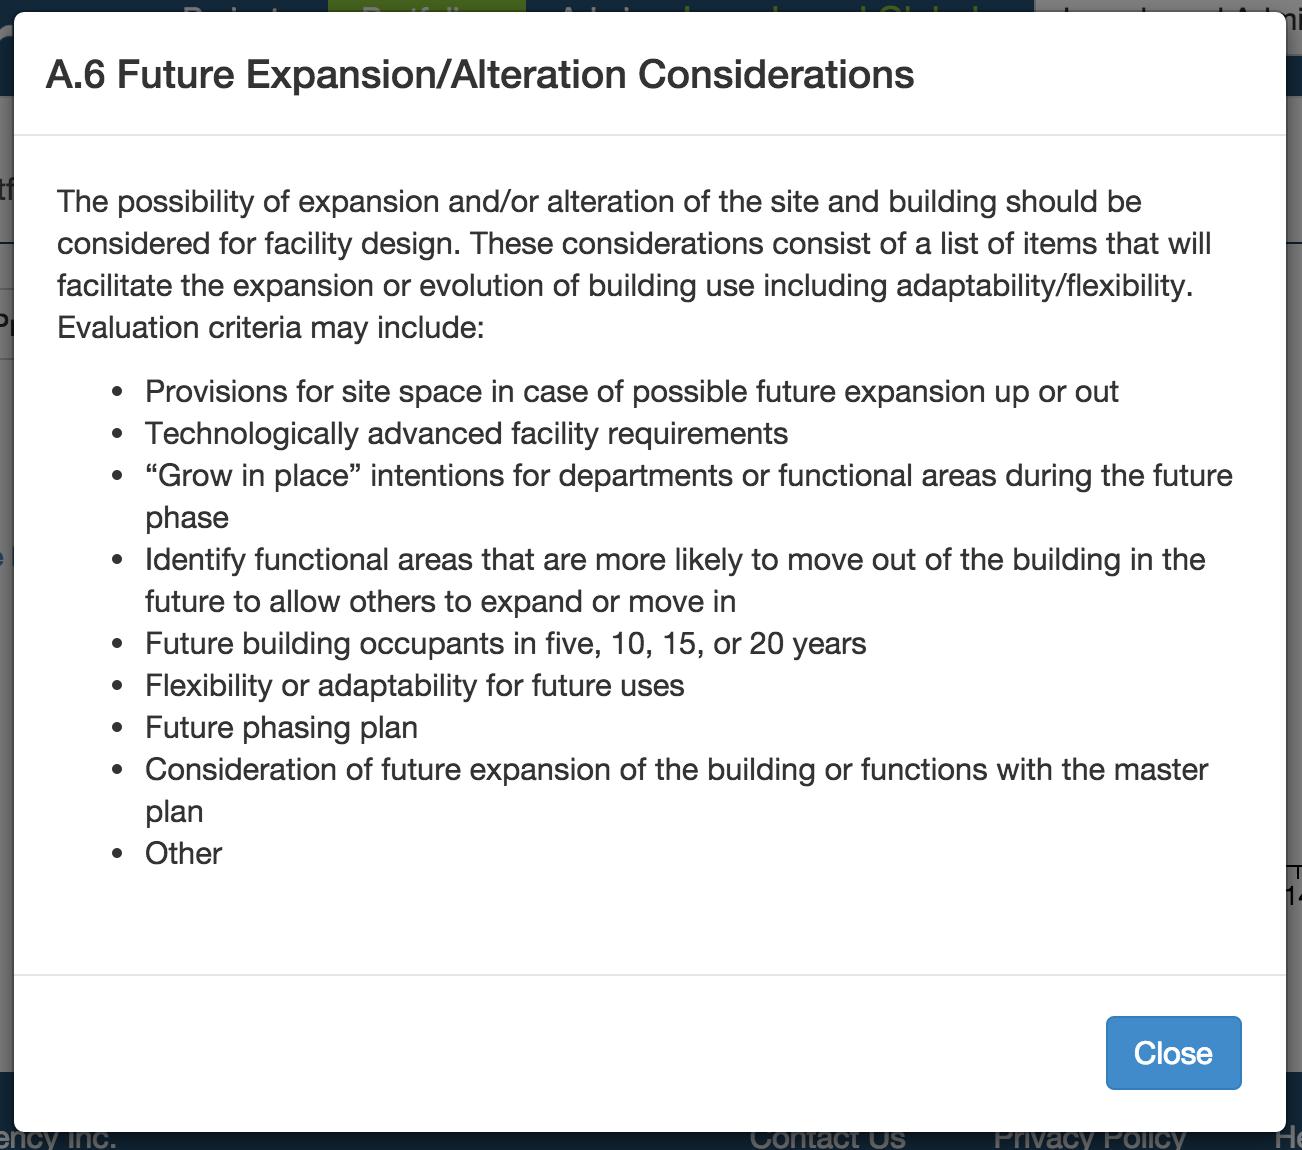 A.6 Future expansion/alternation considerations popup element description on Carve.